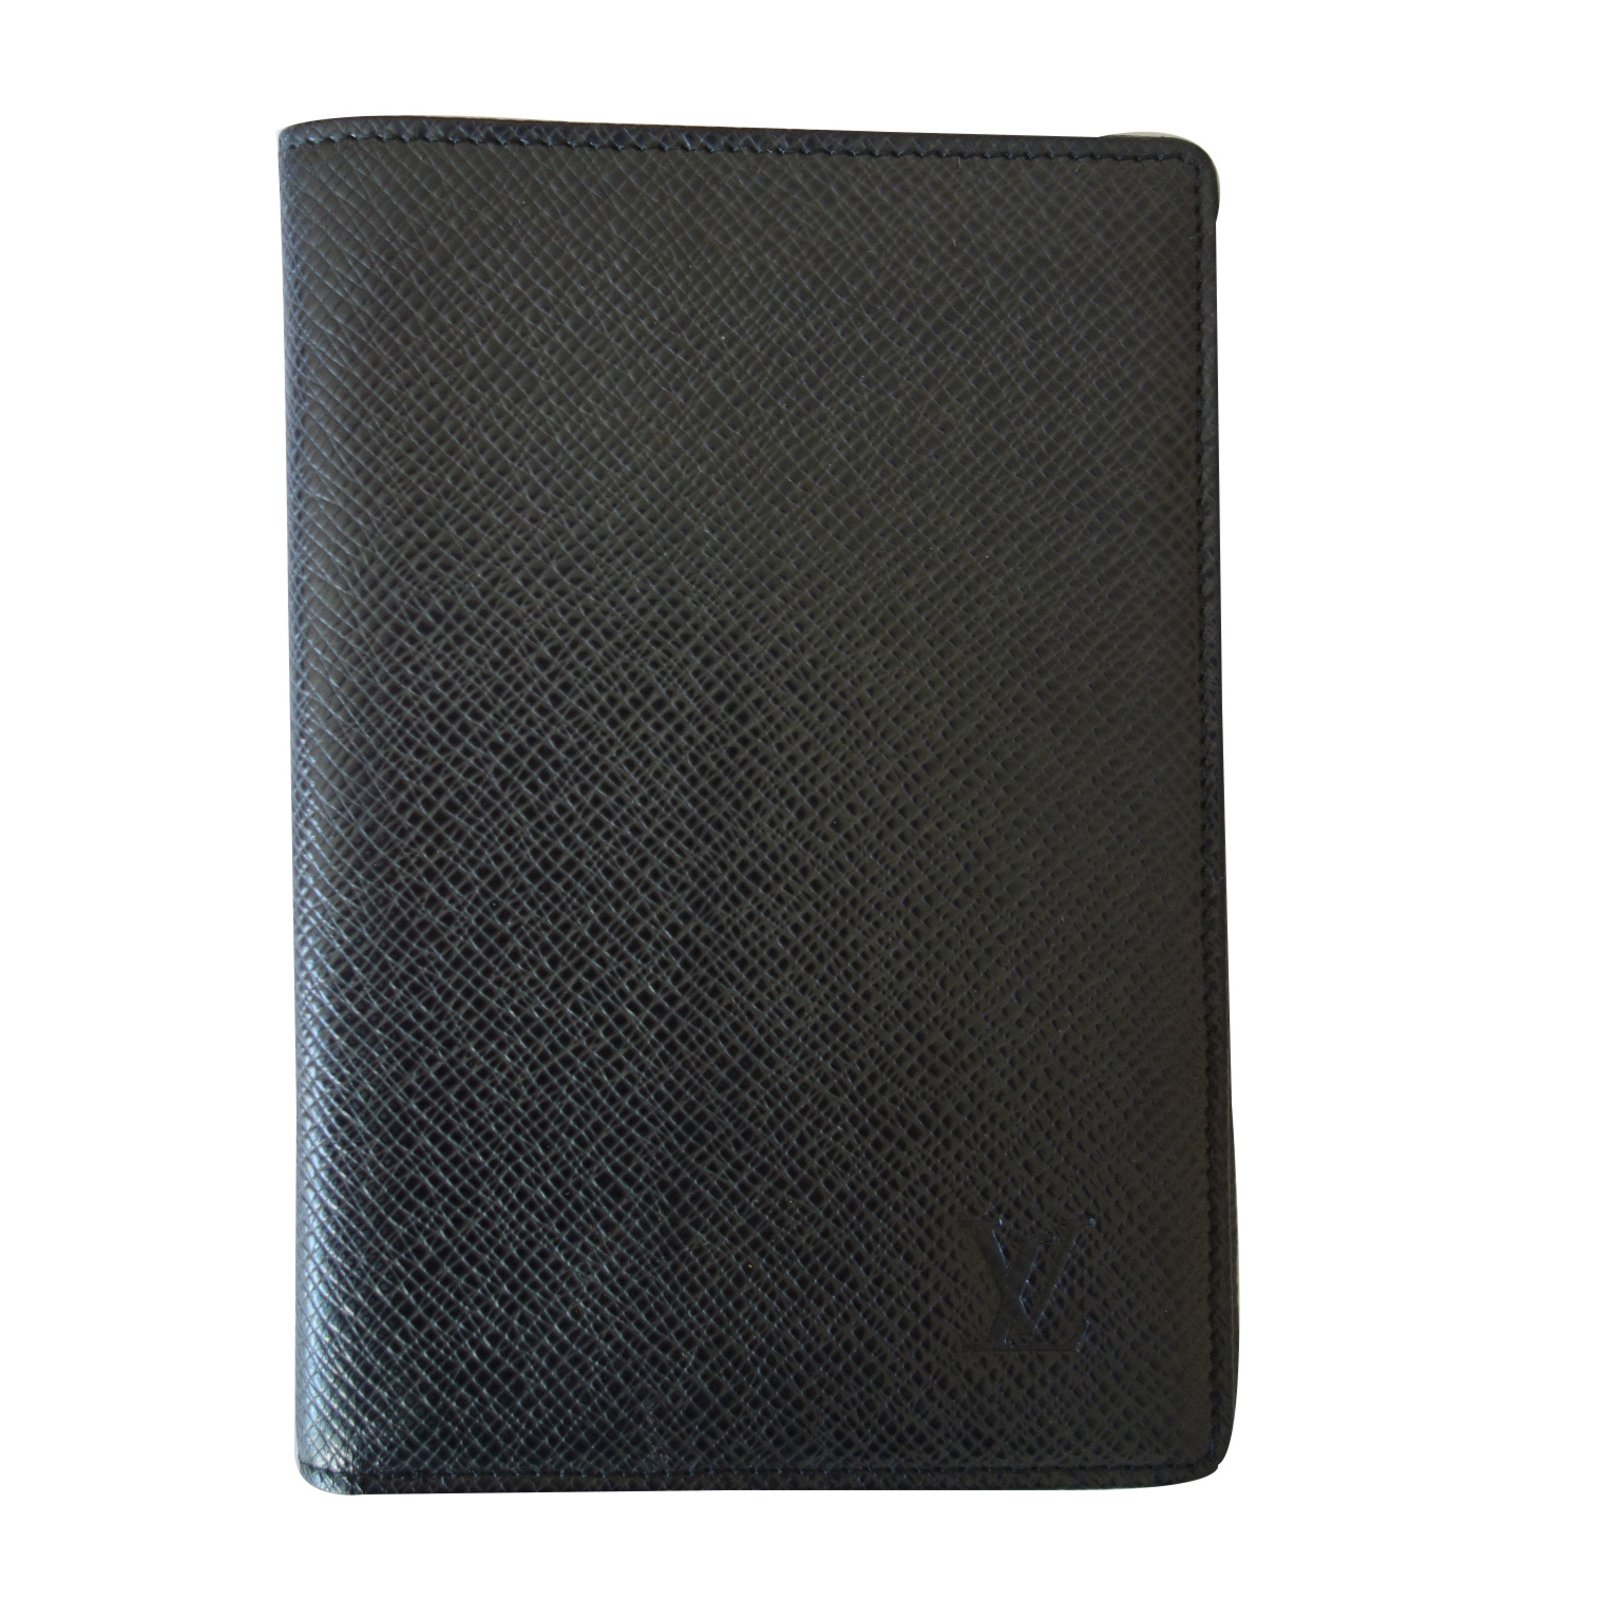 Petite Maroquinerie Homme Louis Vuitton Porte Passeport Cuir Noir - Porte passeport cuir